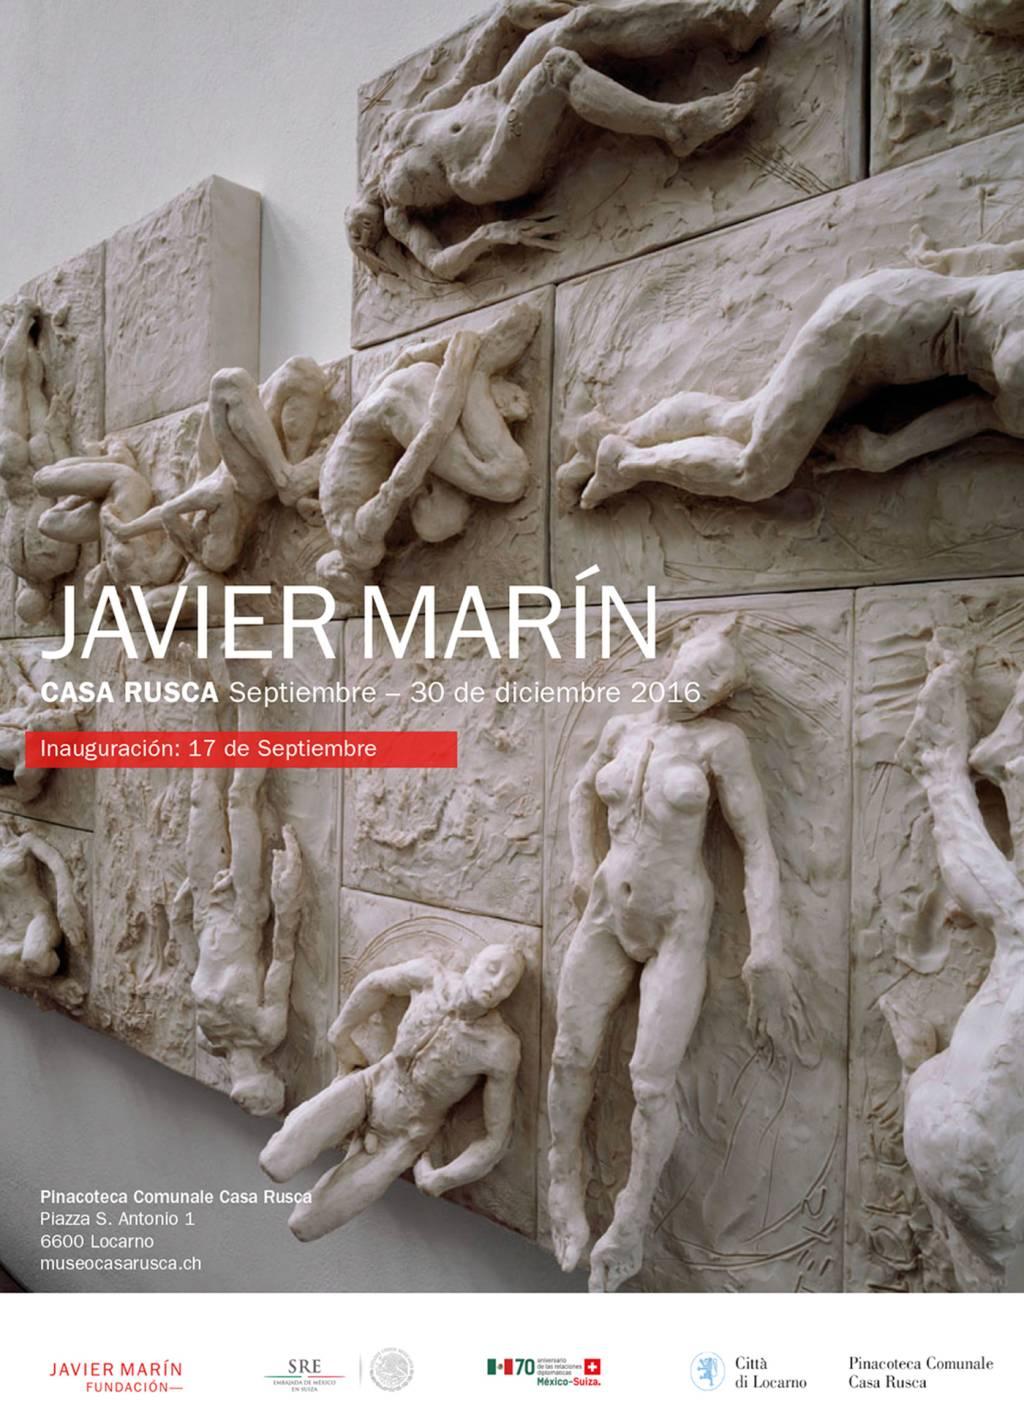 Javier Marìn - Pinacoteca comunale - Casa Rusca - Locarno | Settembre - Dicembre